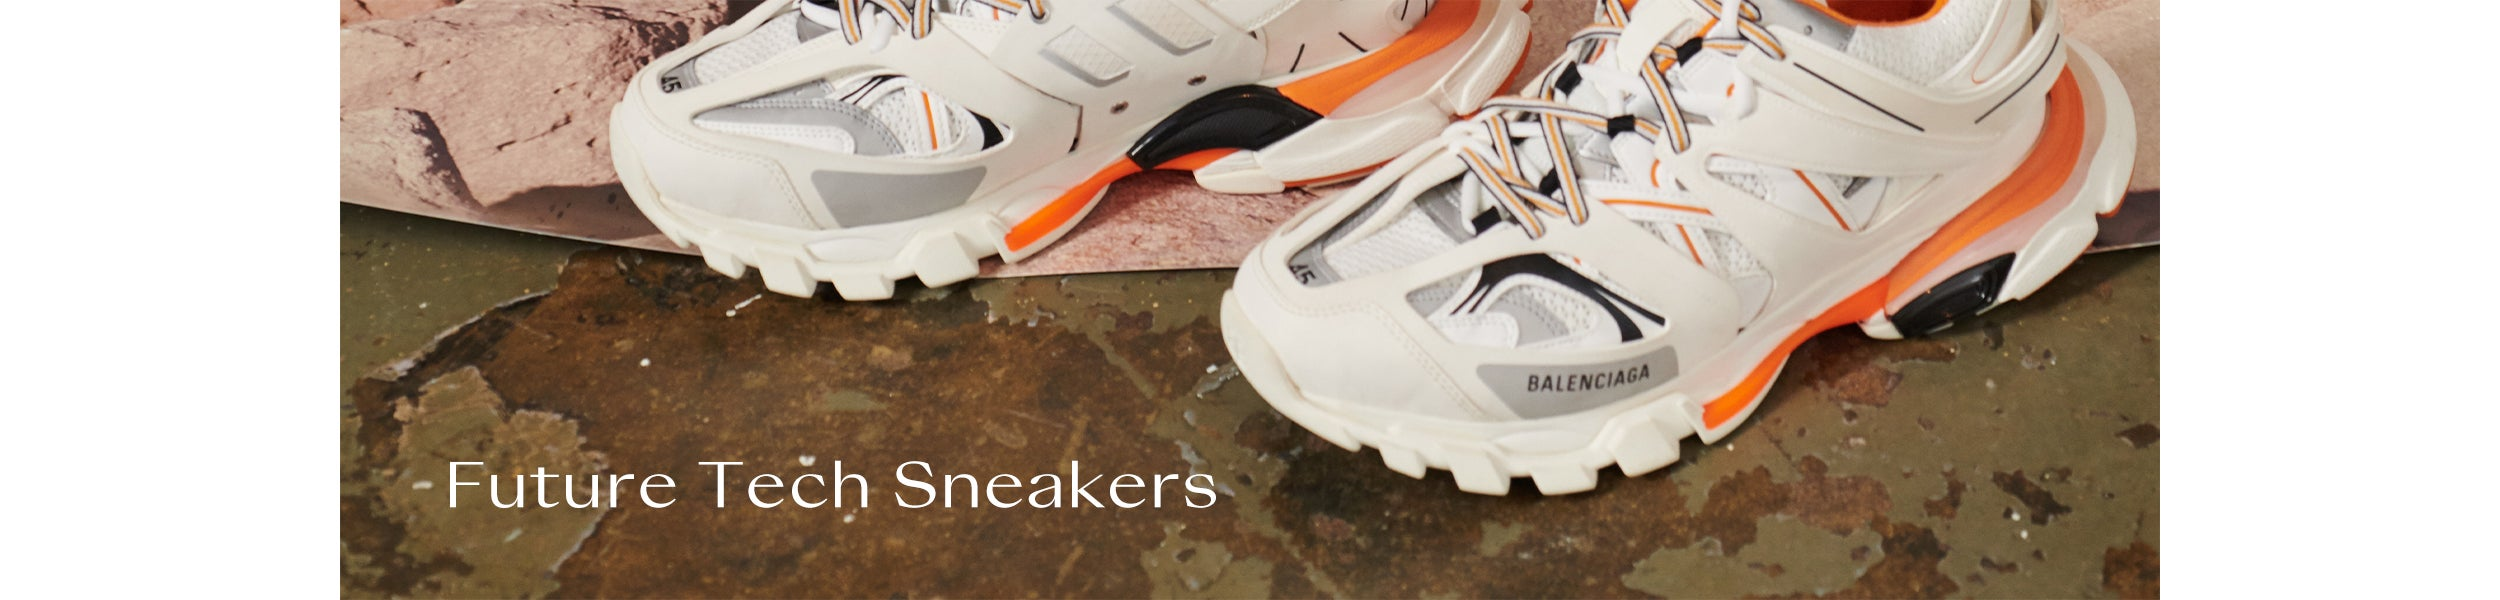 252621e837de Future Tech Sneakers